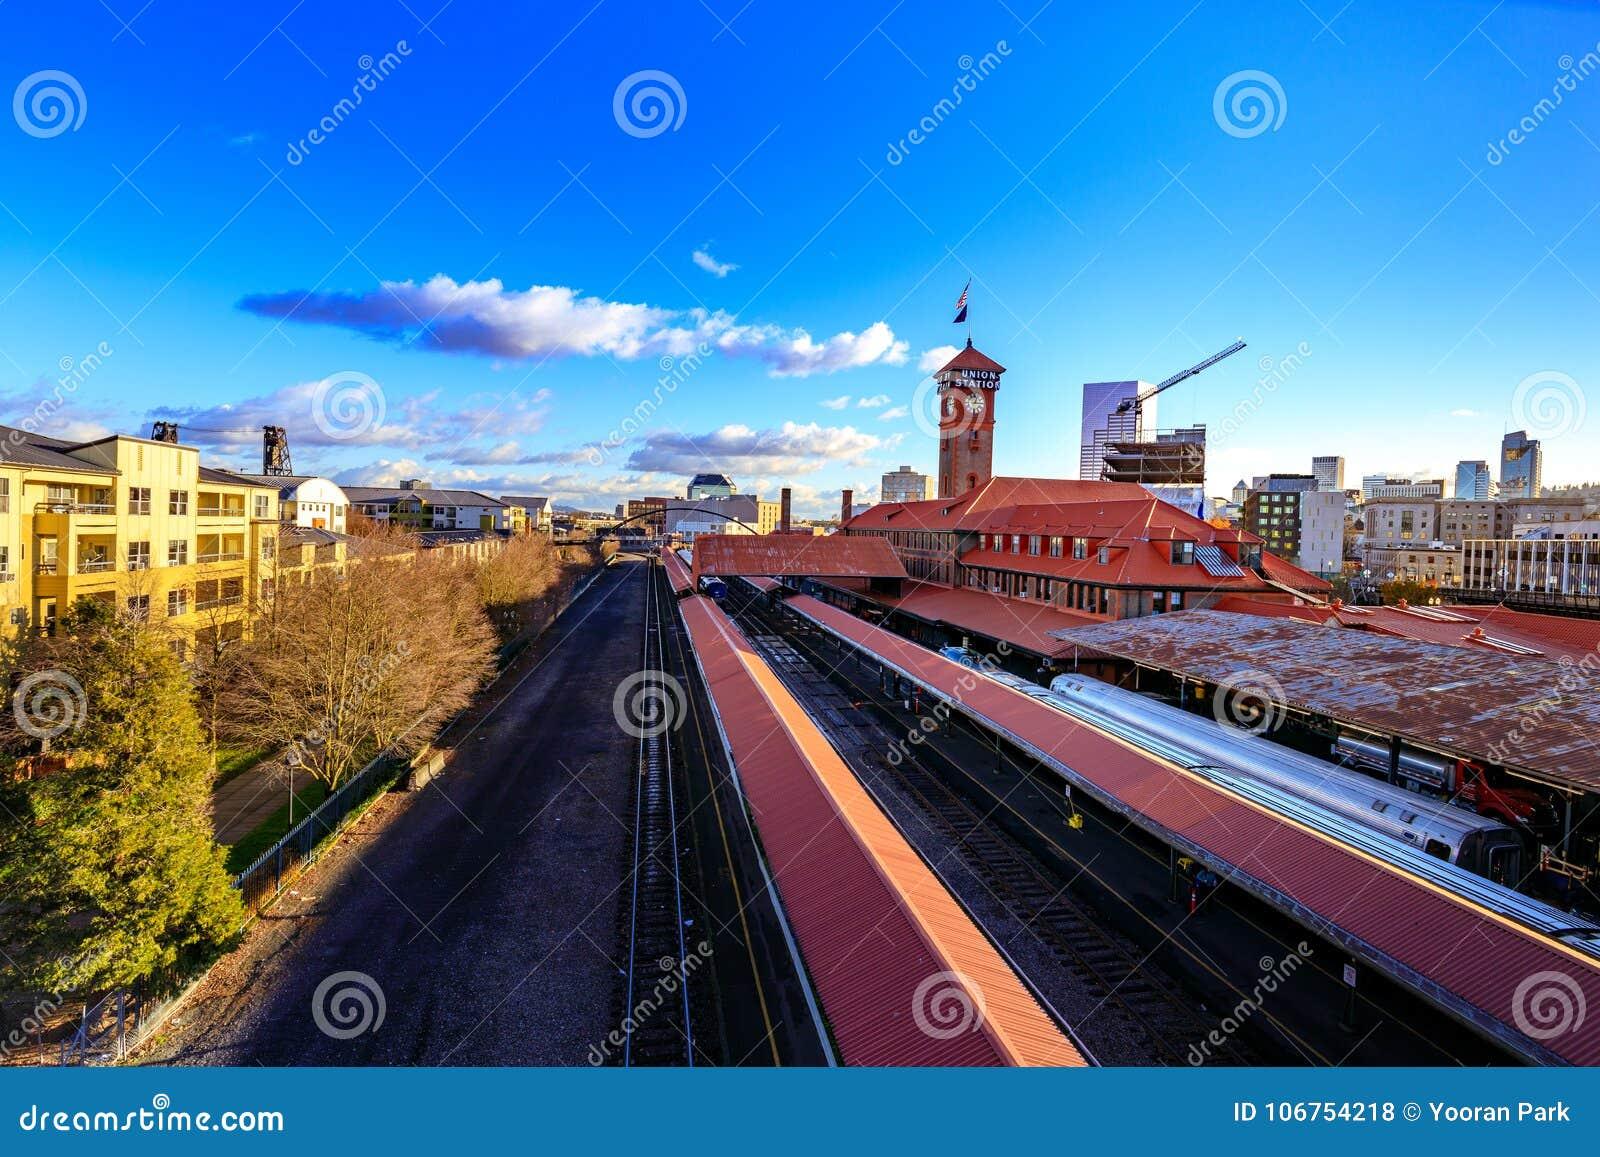 联合驻地火车运输复杂修造的尖沙咀钟楼